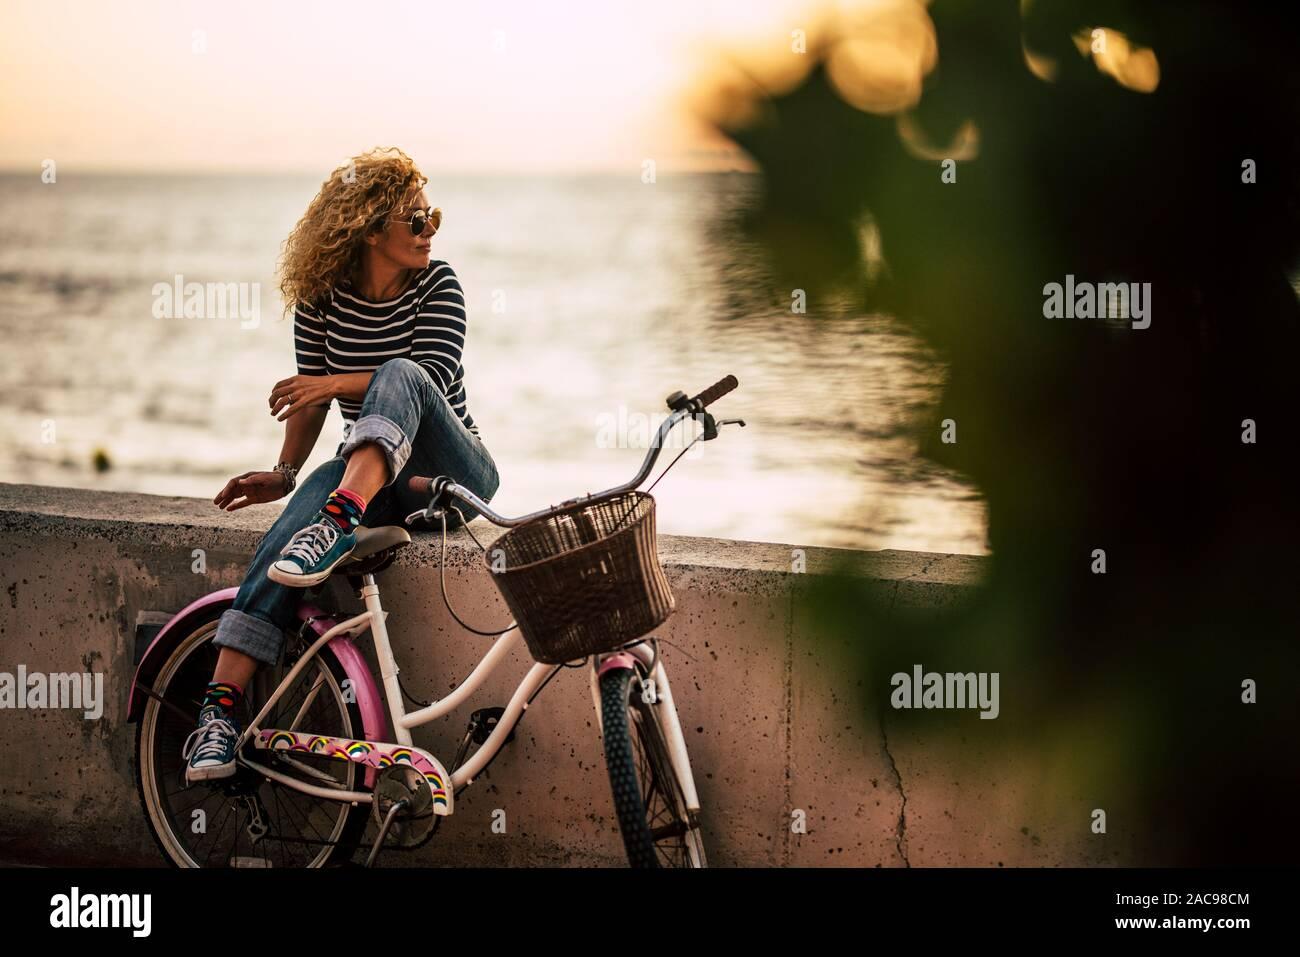 Des profils caucasian woman enjoying extérieure activité de loisirs détente après une balade sur un vélo vintage, assis sur un mur à la recherche à l'ocean -actif sain Banque D'Images